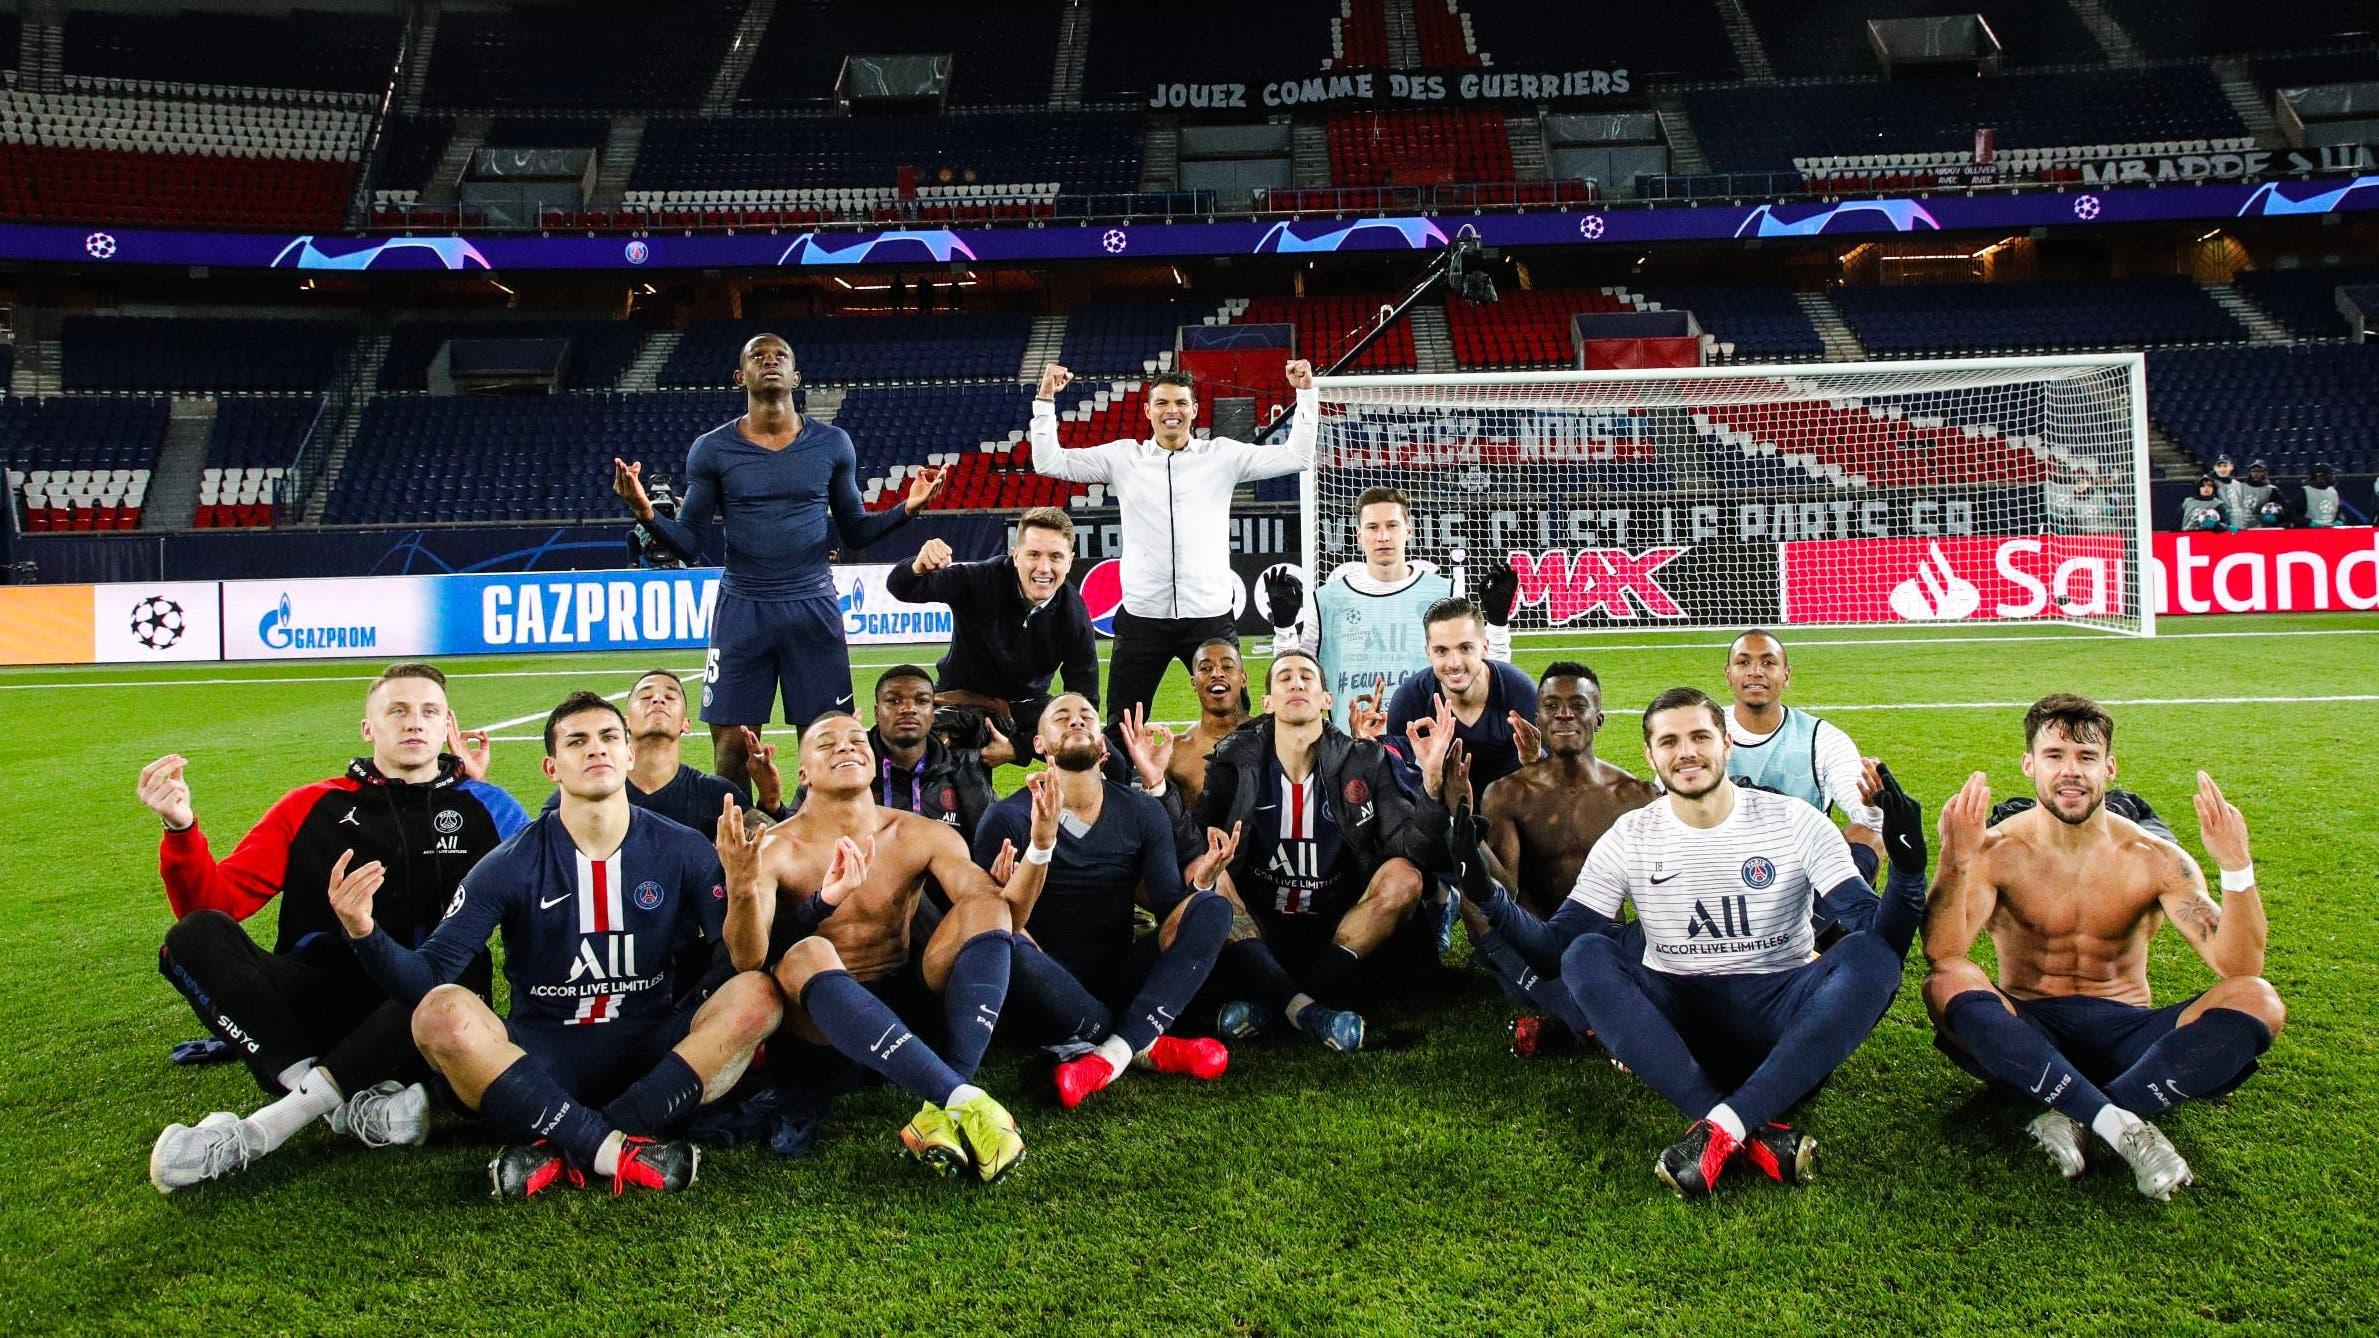 سخرية لاعبي باريس سان جيرمان